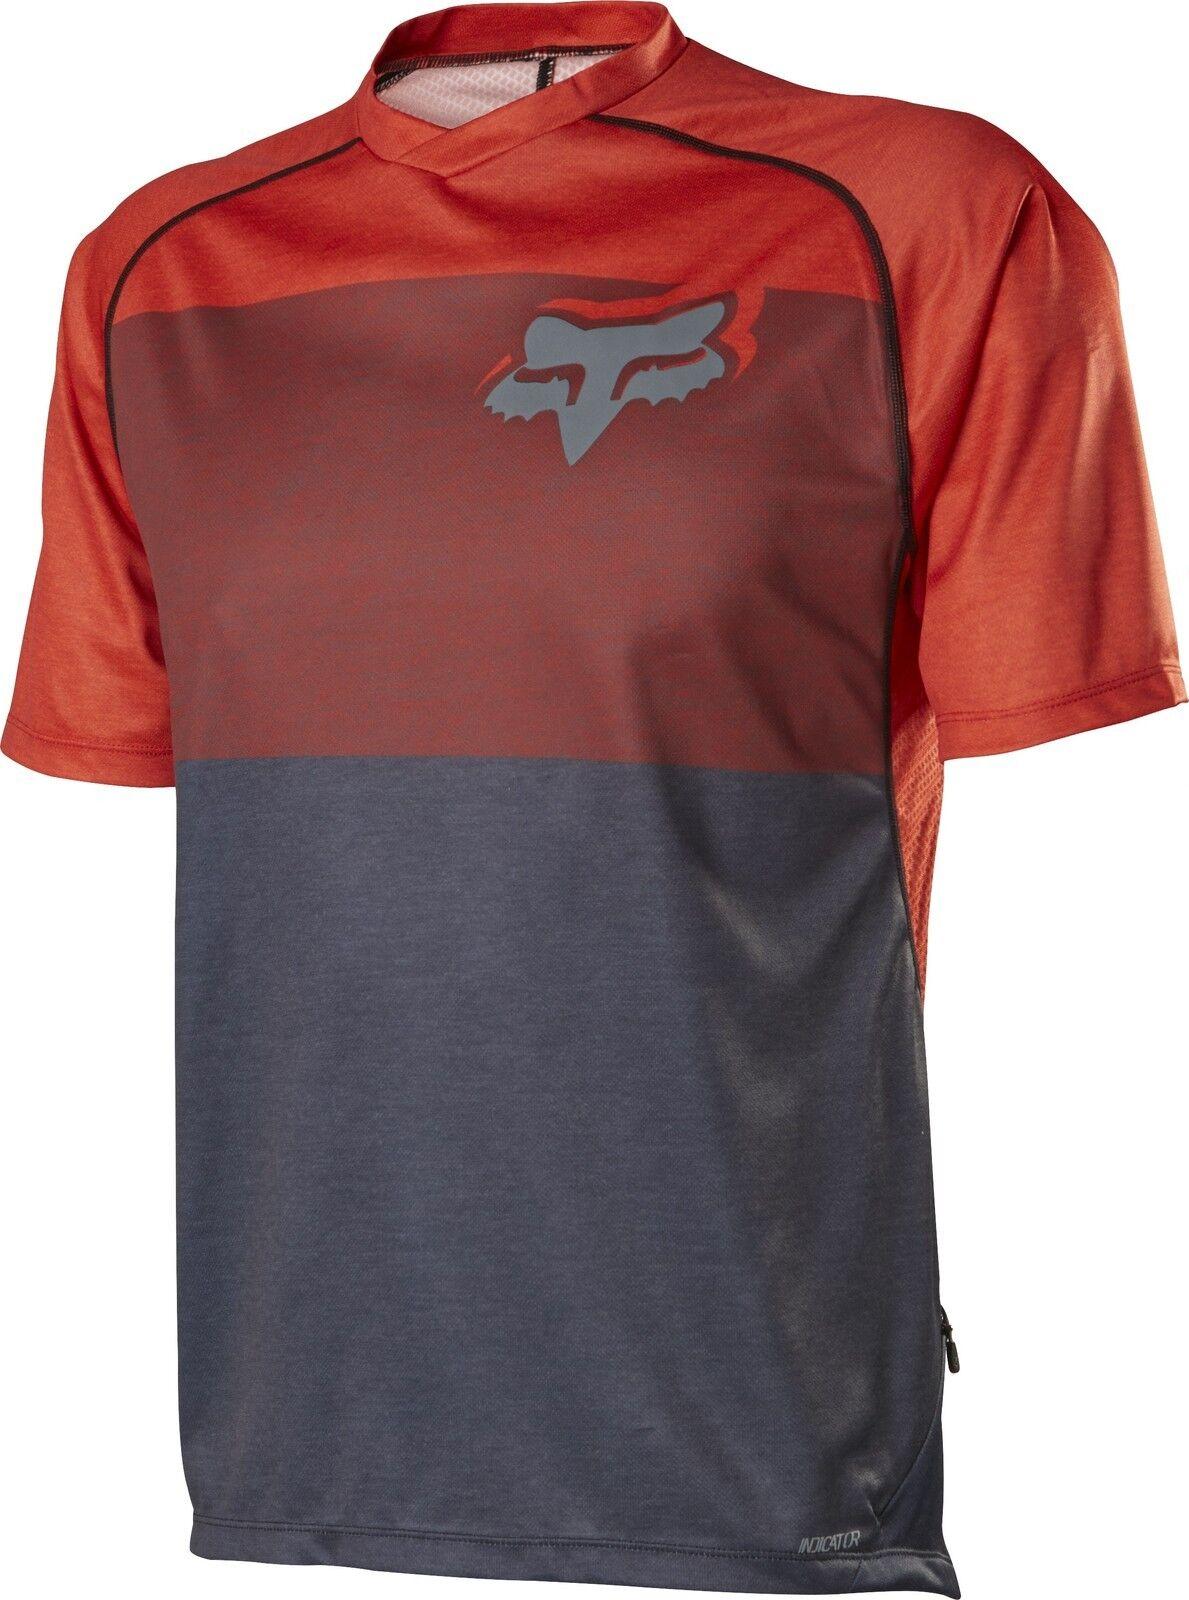 Fox  Racing 2015 indicador S s Camiseta Naranja  para mayoristas